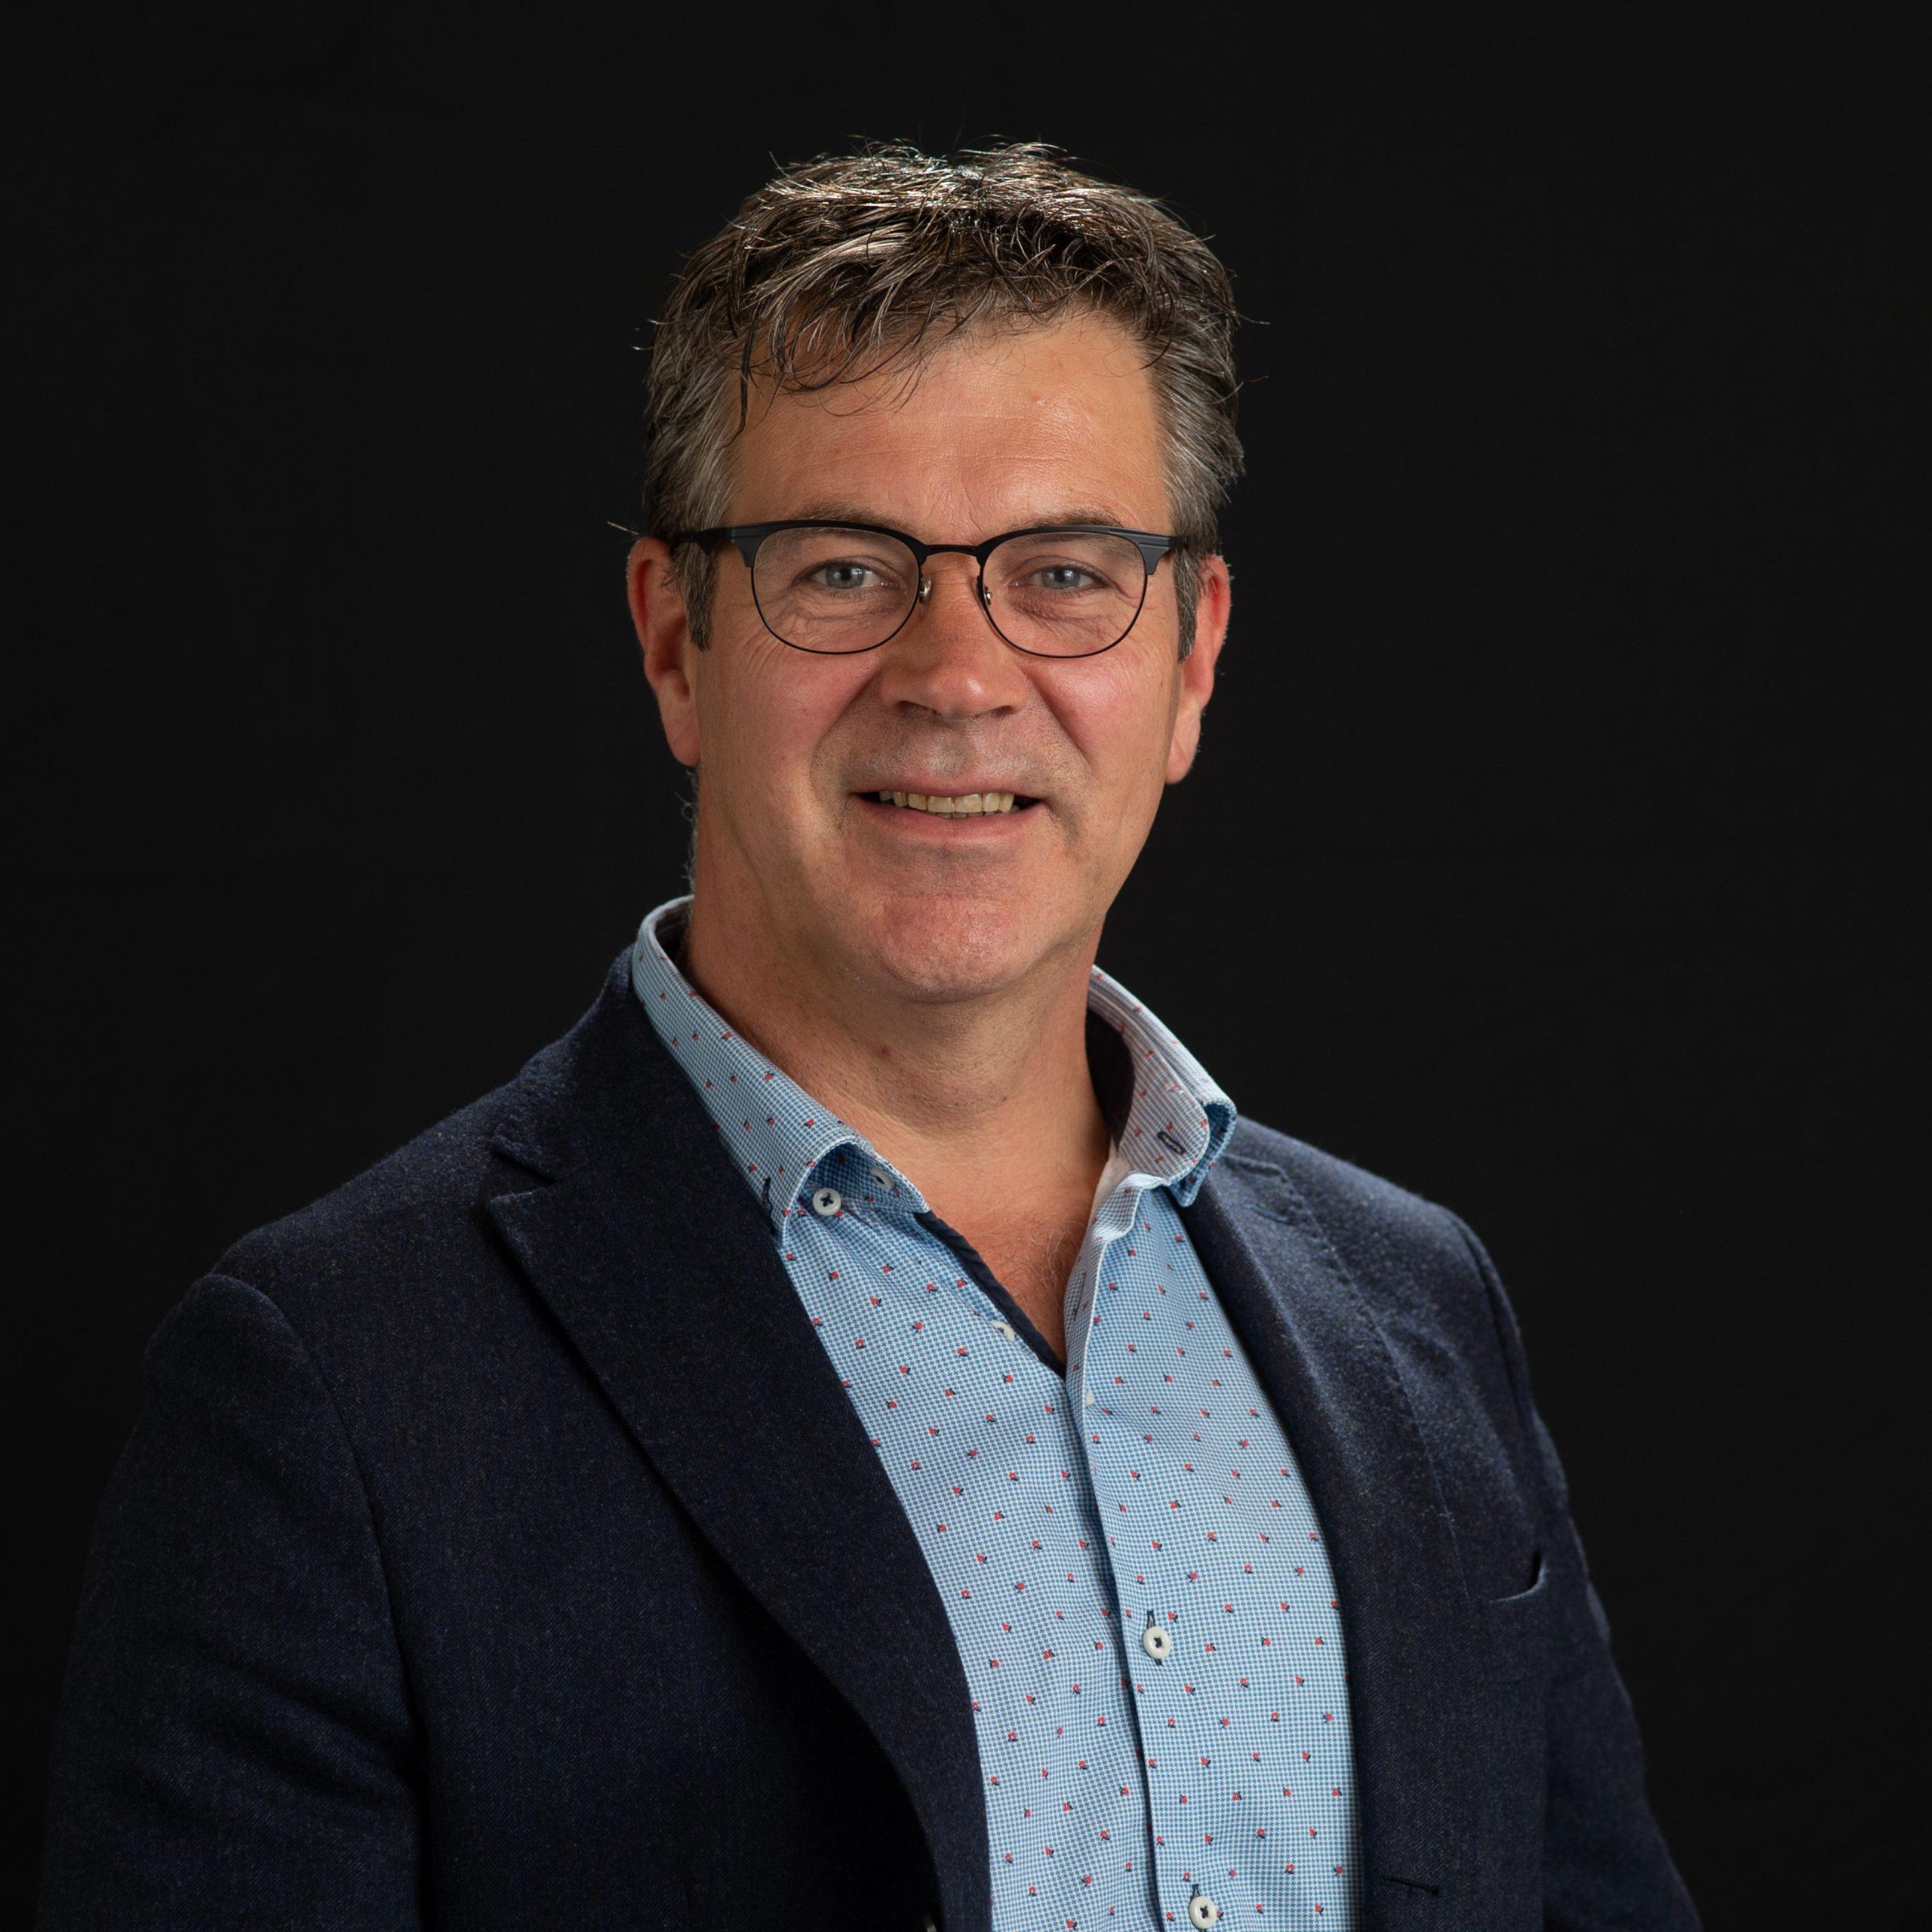 Paul van der Veen